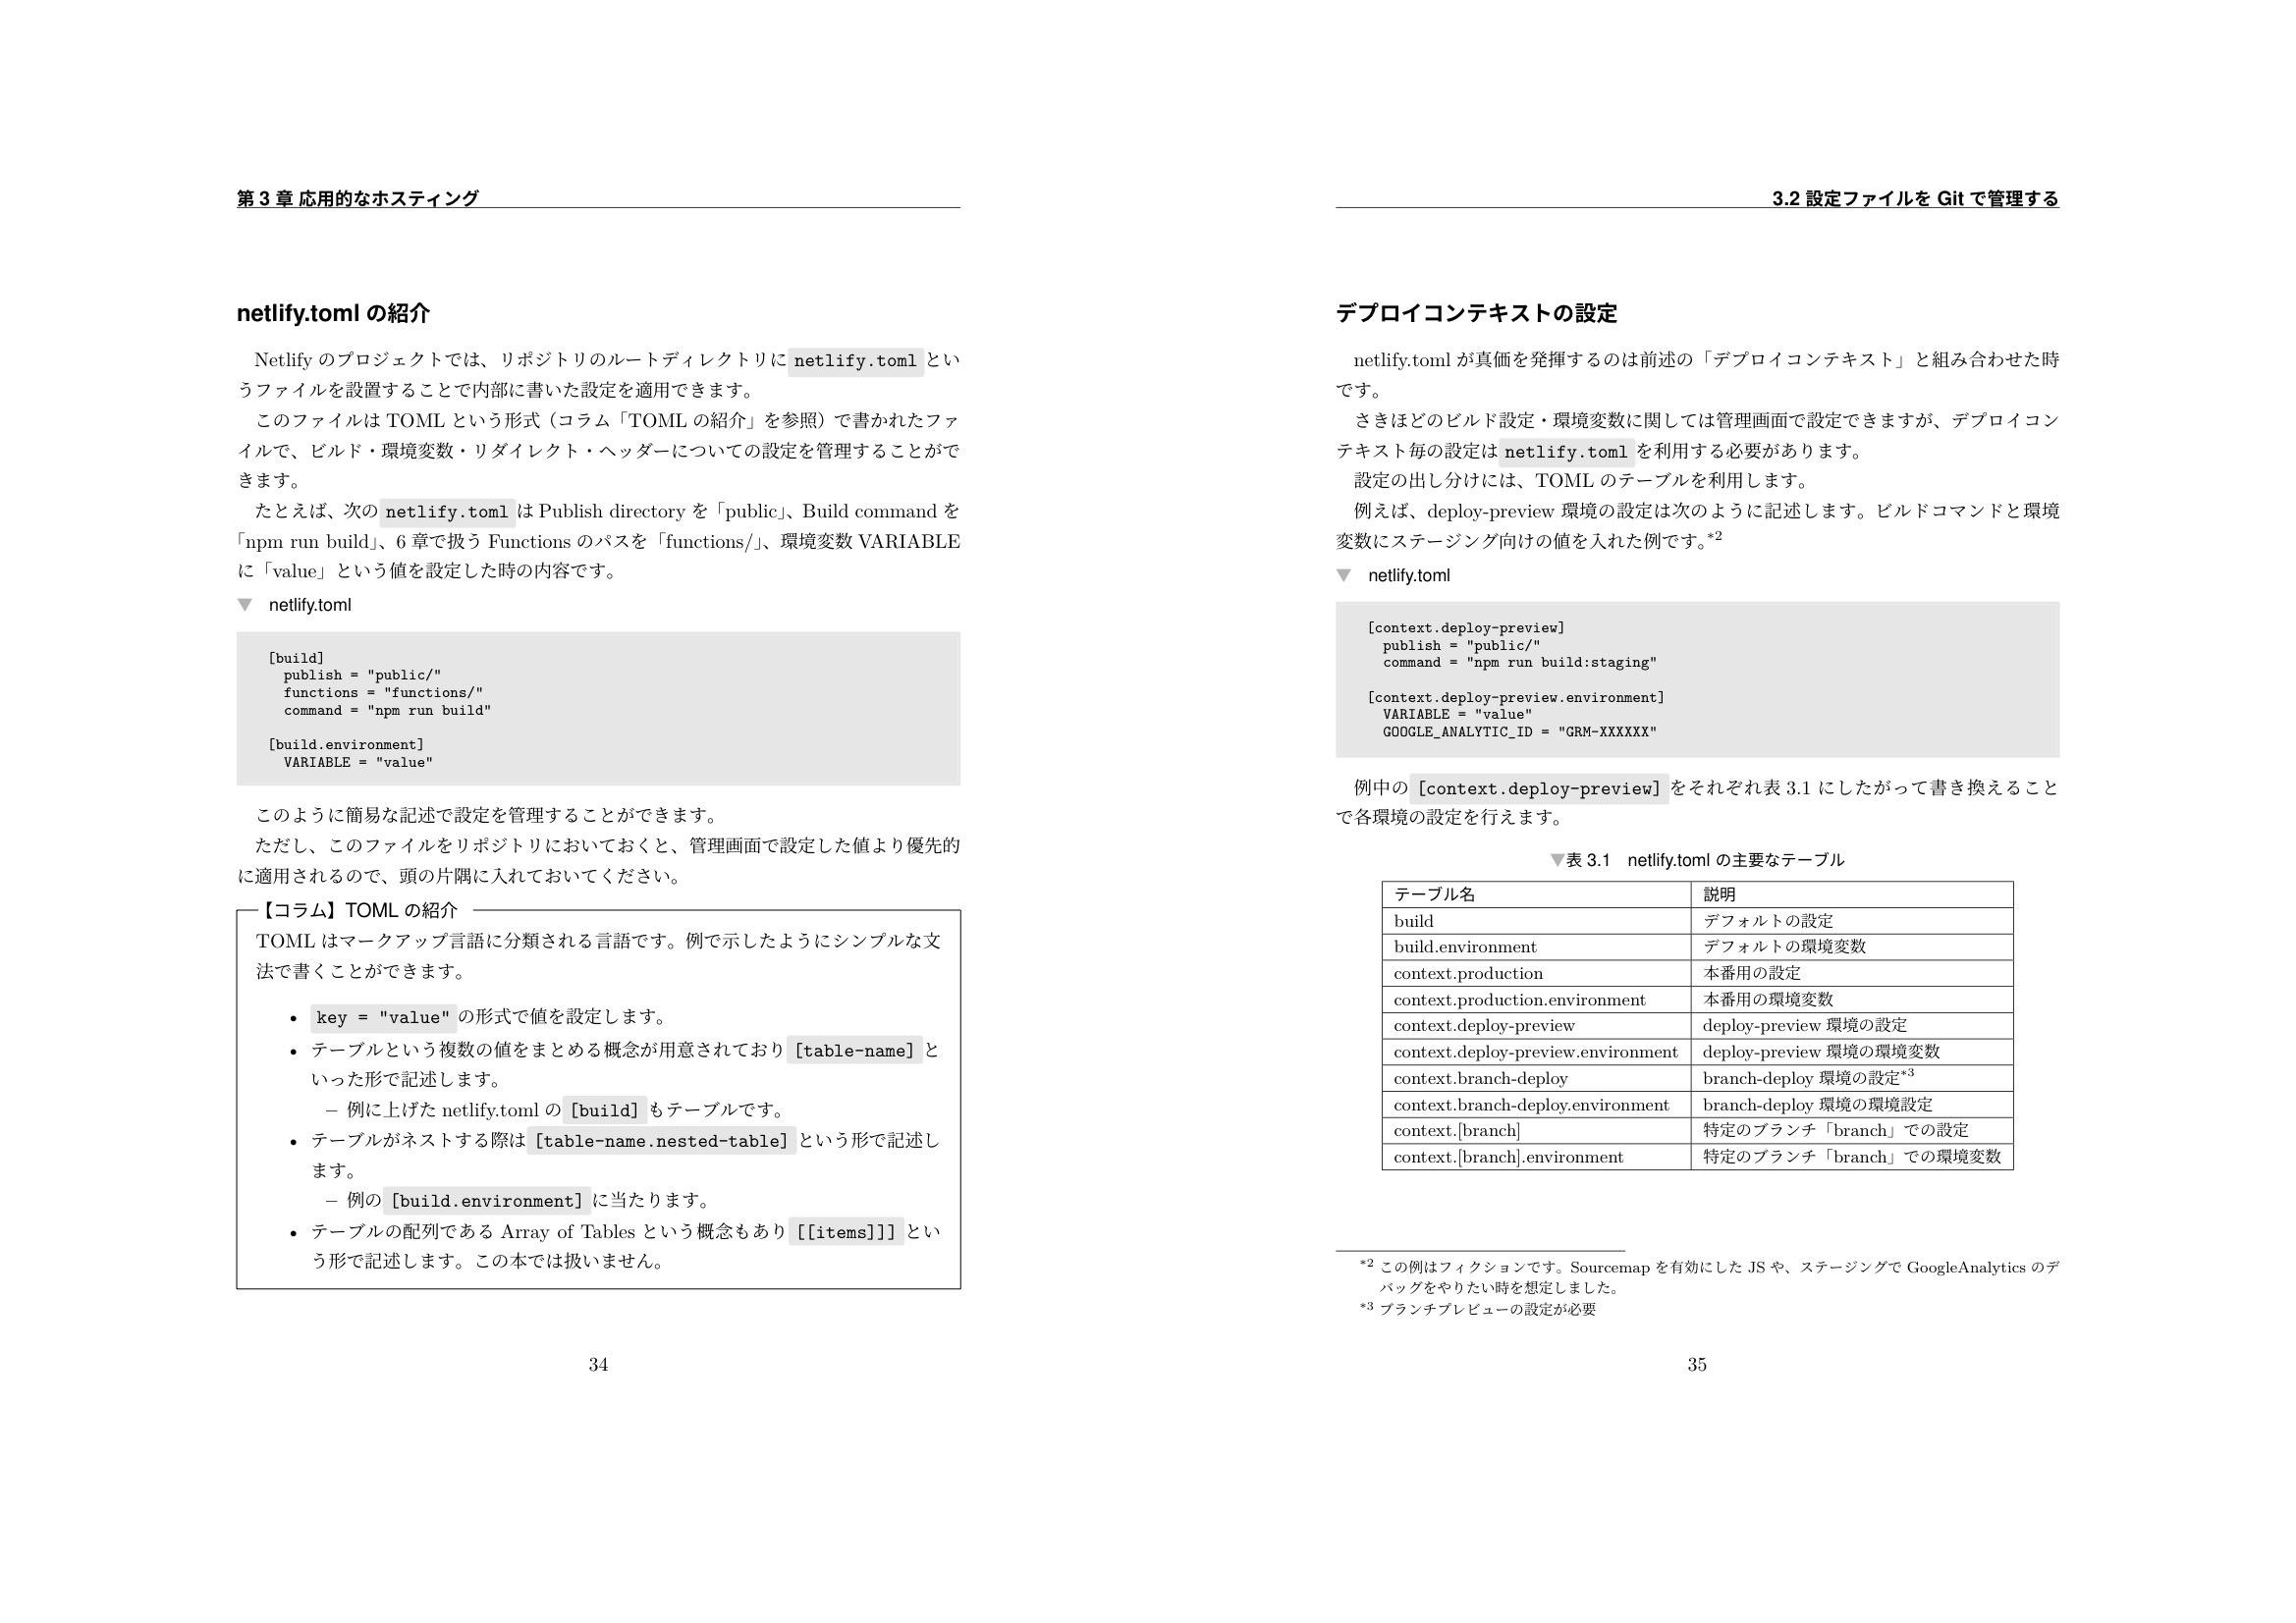 netlify-techbook-2 17.jpeg (431.7 kB)